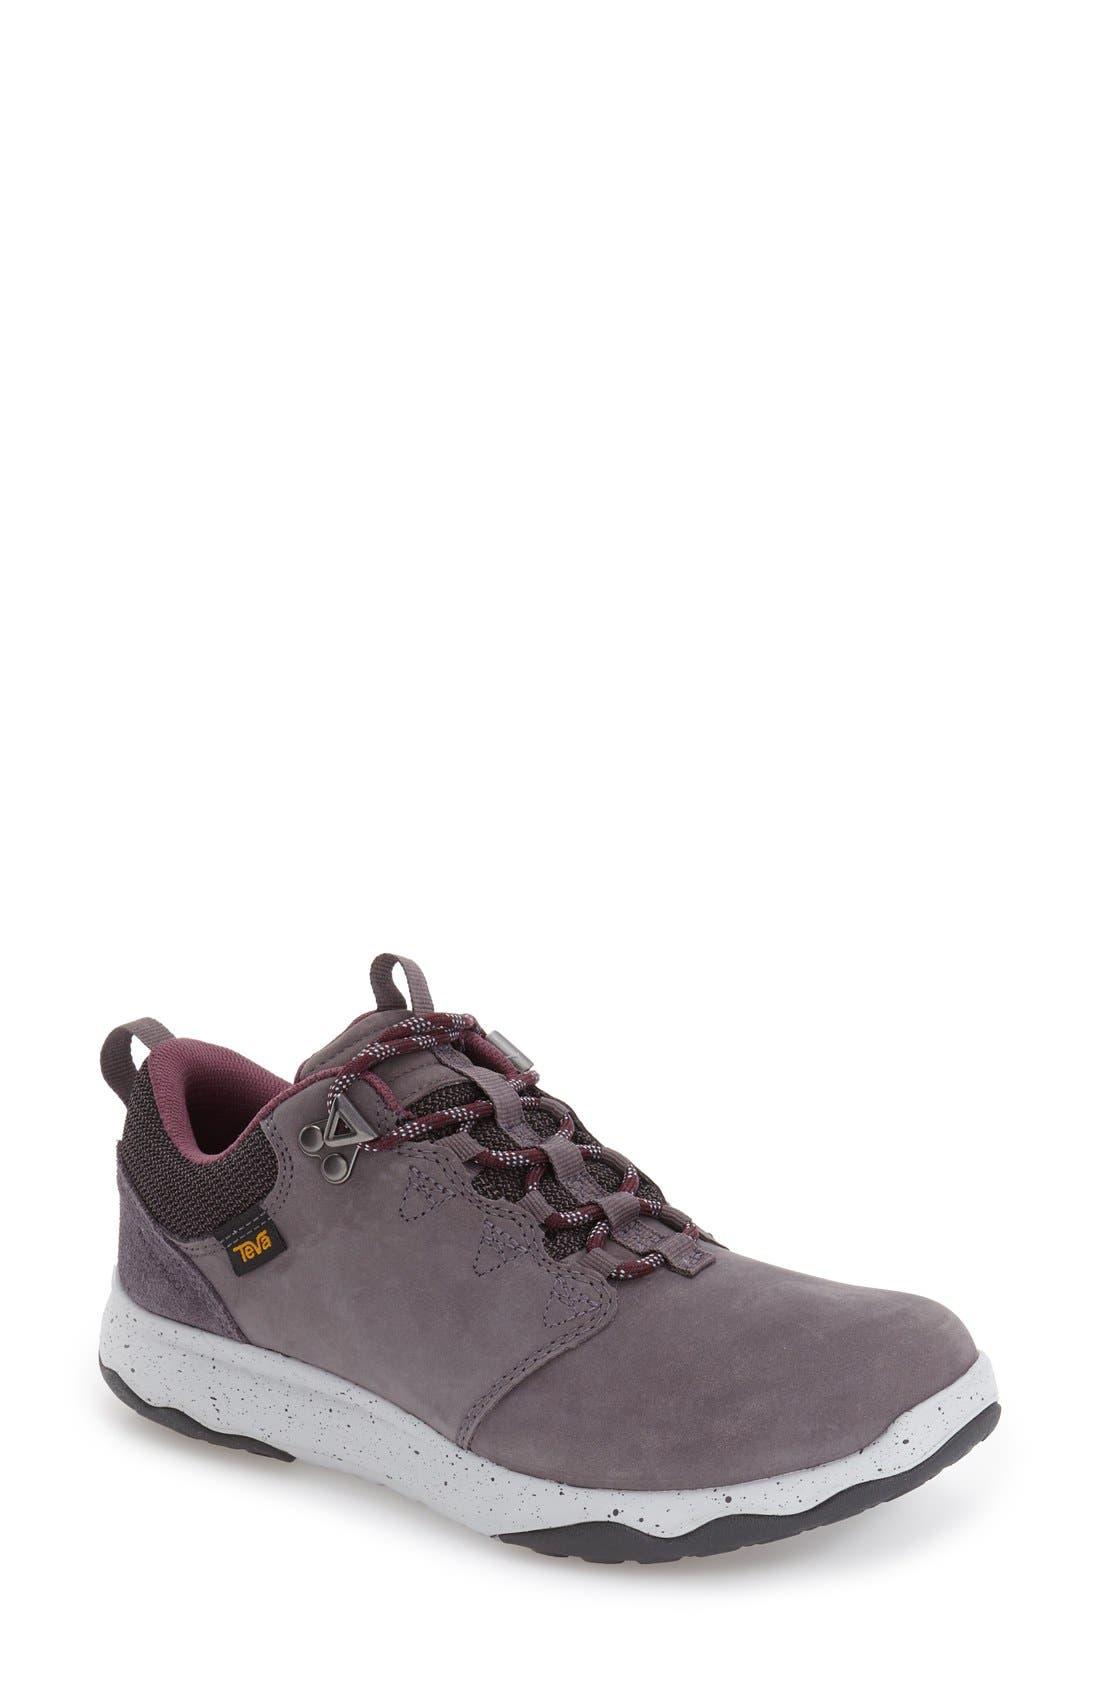 Alternate Image 1 Selected - Teva 'Arrowood Lux' Waterproof Sneaker (Women)